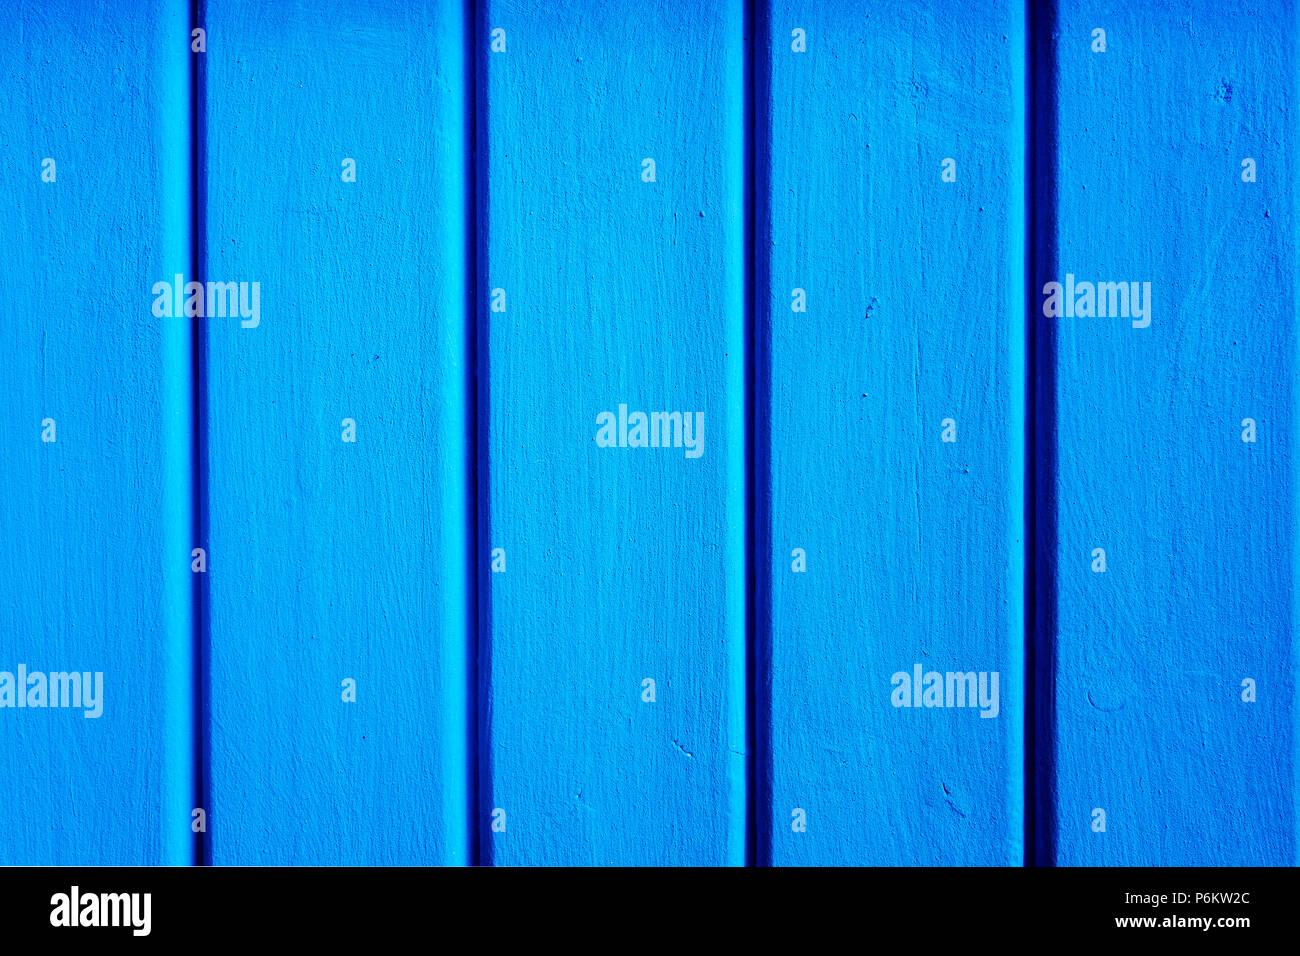 Luce Blu Azzurro Legno Sfondo Texture Foto Immagine Stock